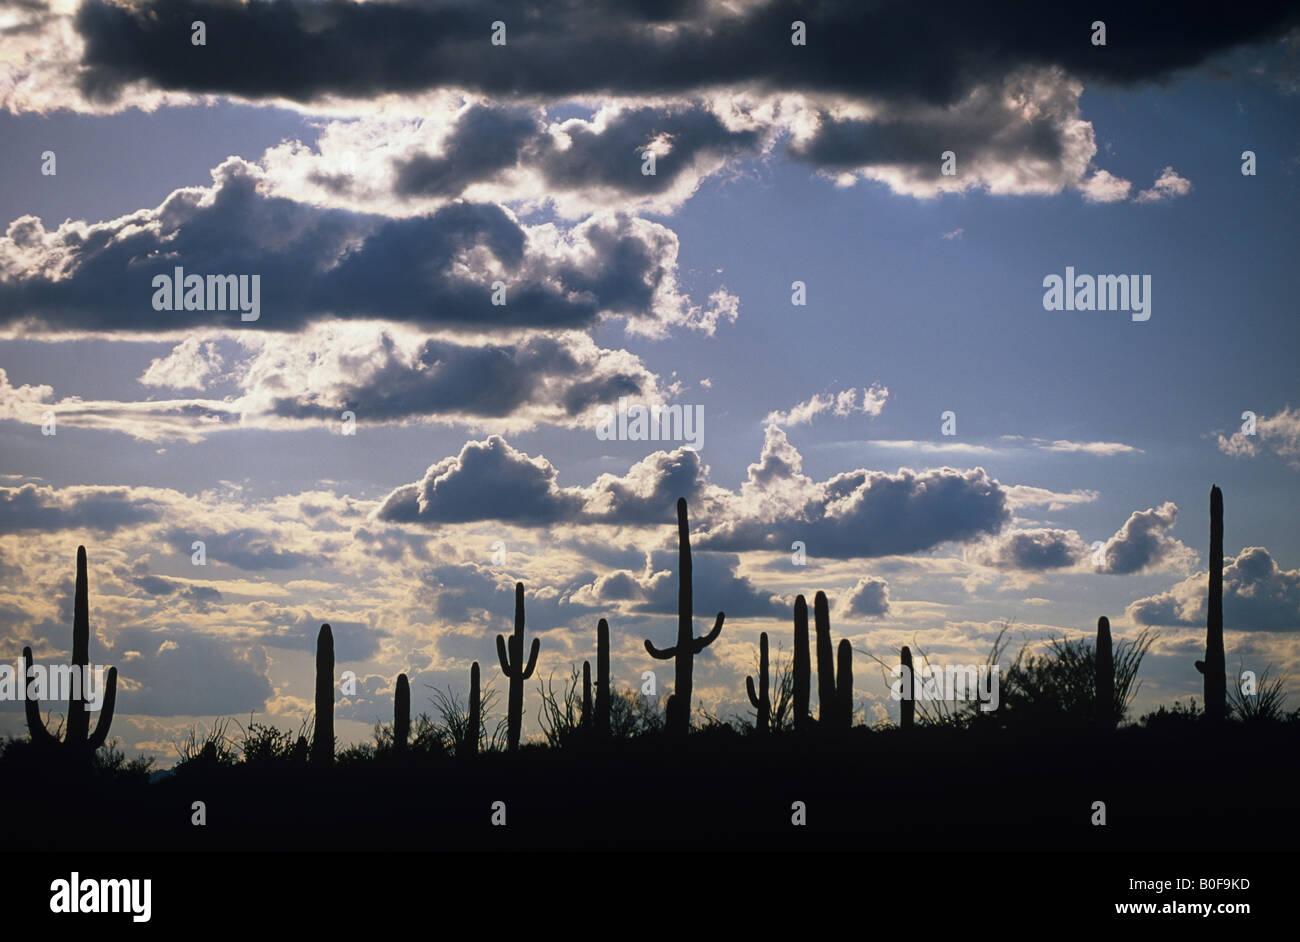 Eine Reihe von Saguaro Kakteen sind Silhouette gegen einen Nachmittag Himmel Stockfoto